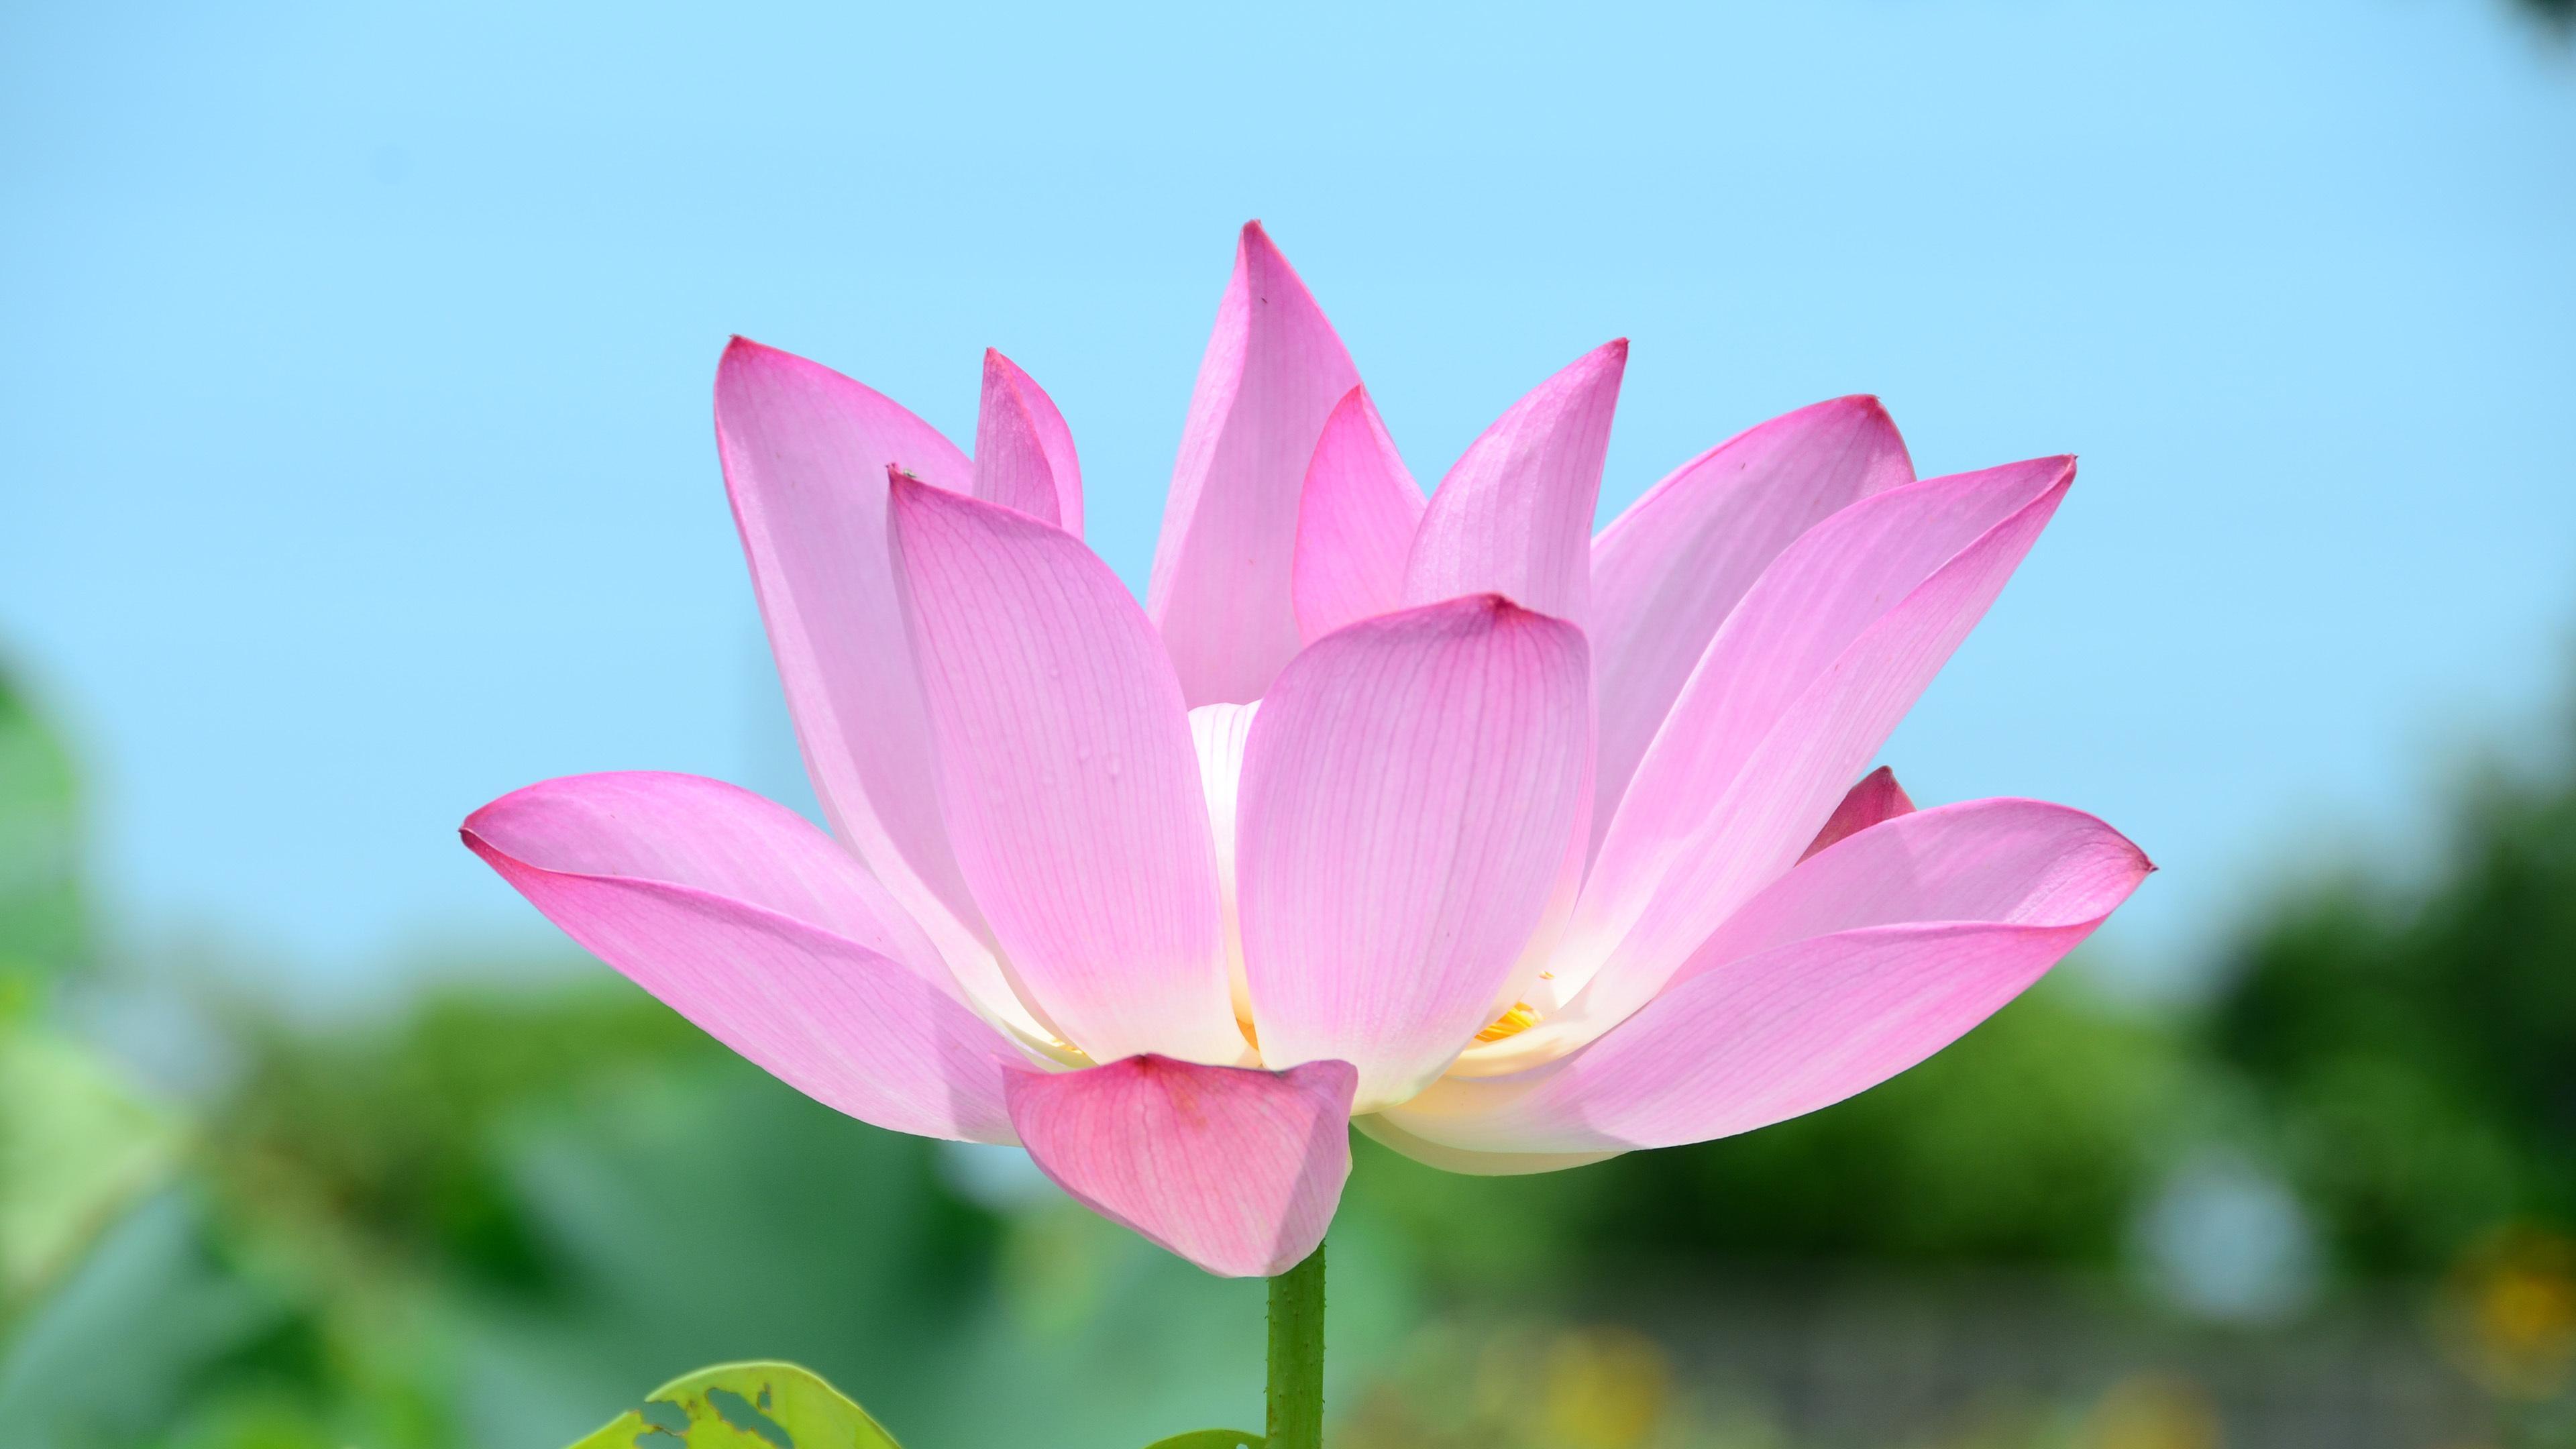 اسماء الورود بالصور المرسال